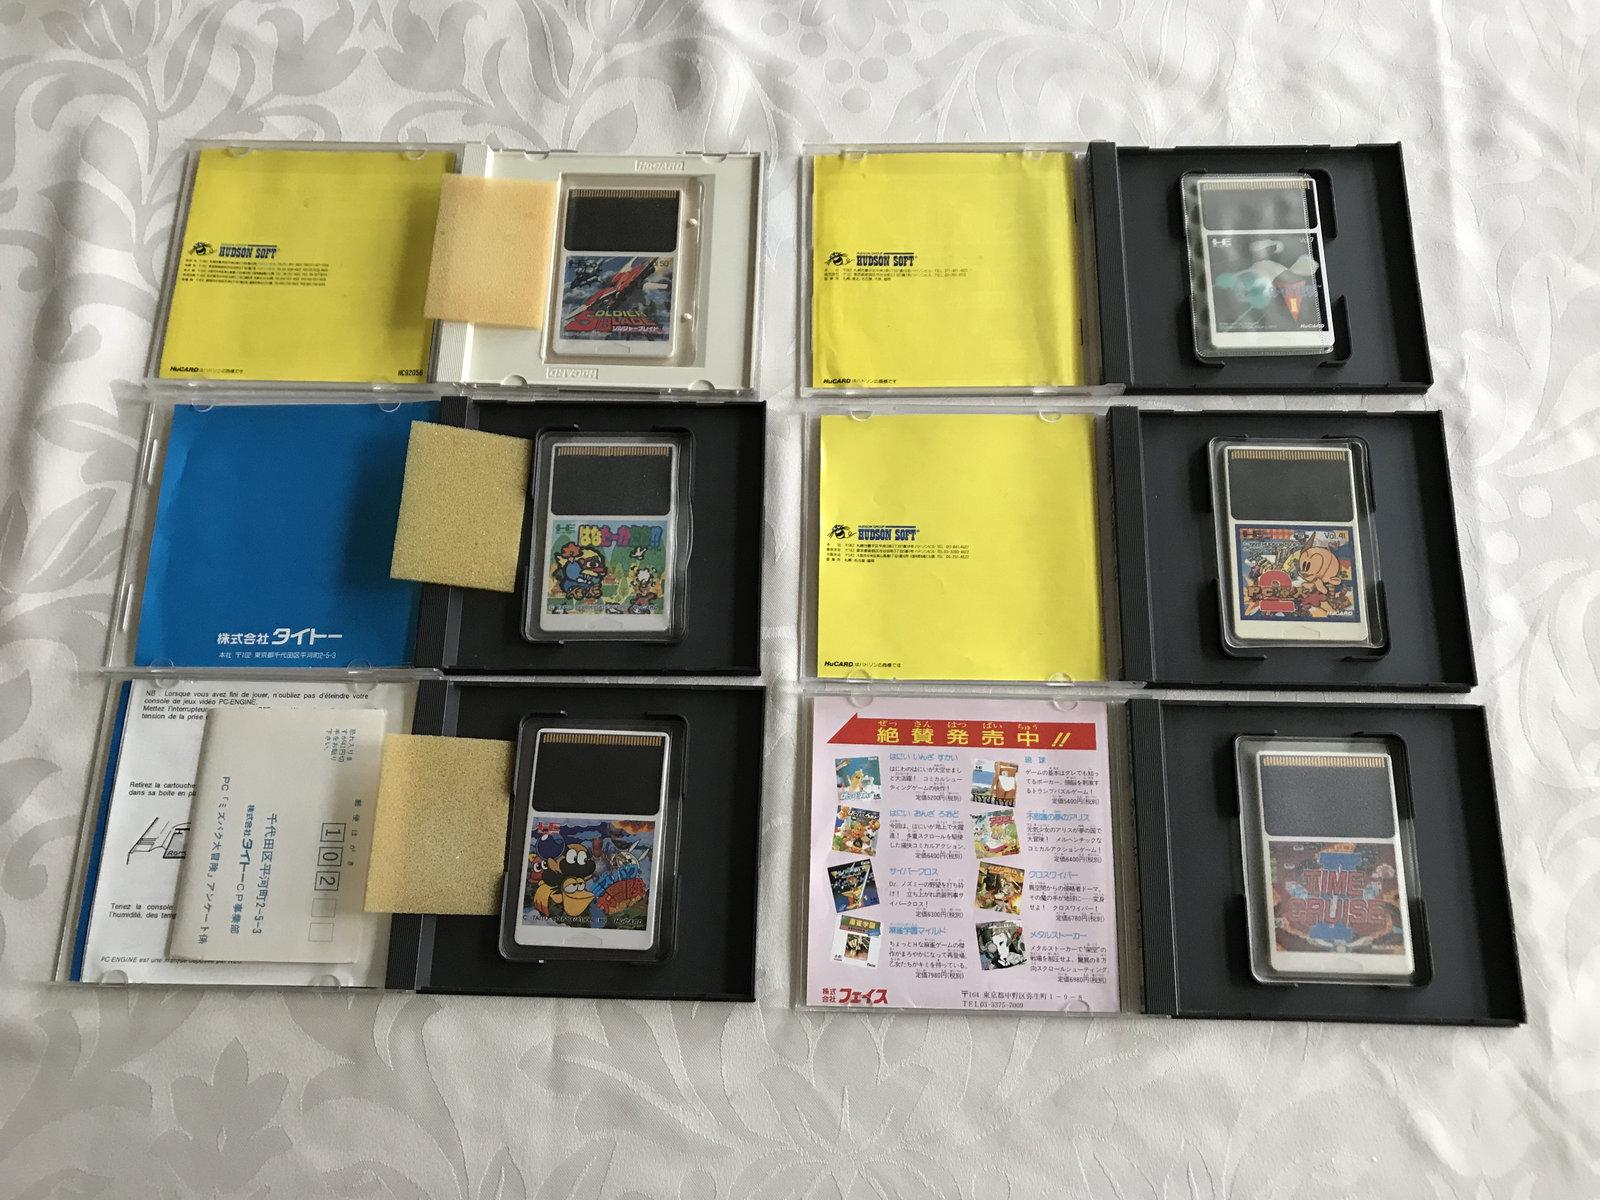 (VENDU) COREGRAFX + 6 jeux cultes + les 2 bibles PC ENGINE TBE  210121070558412875